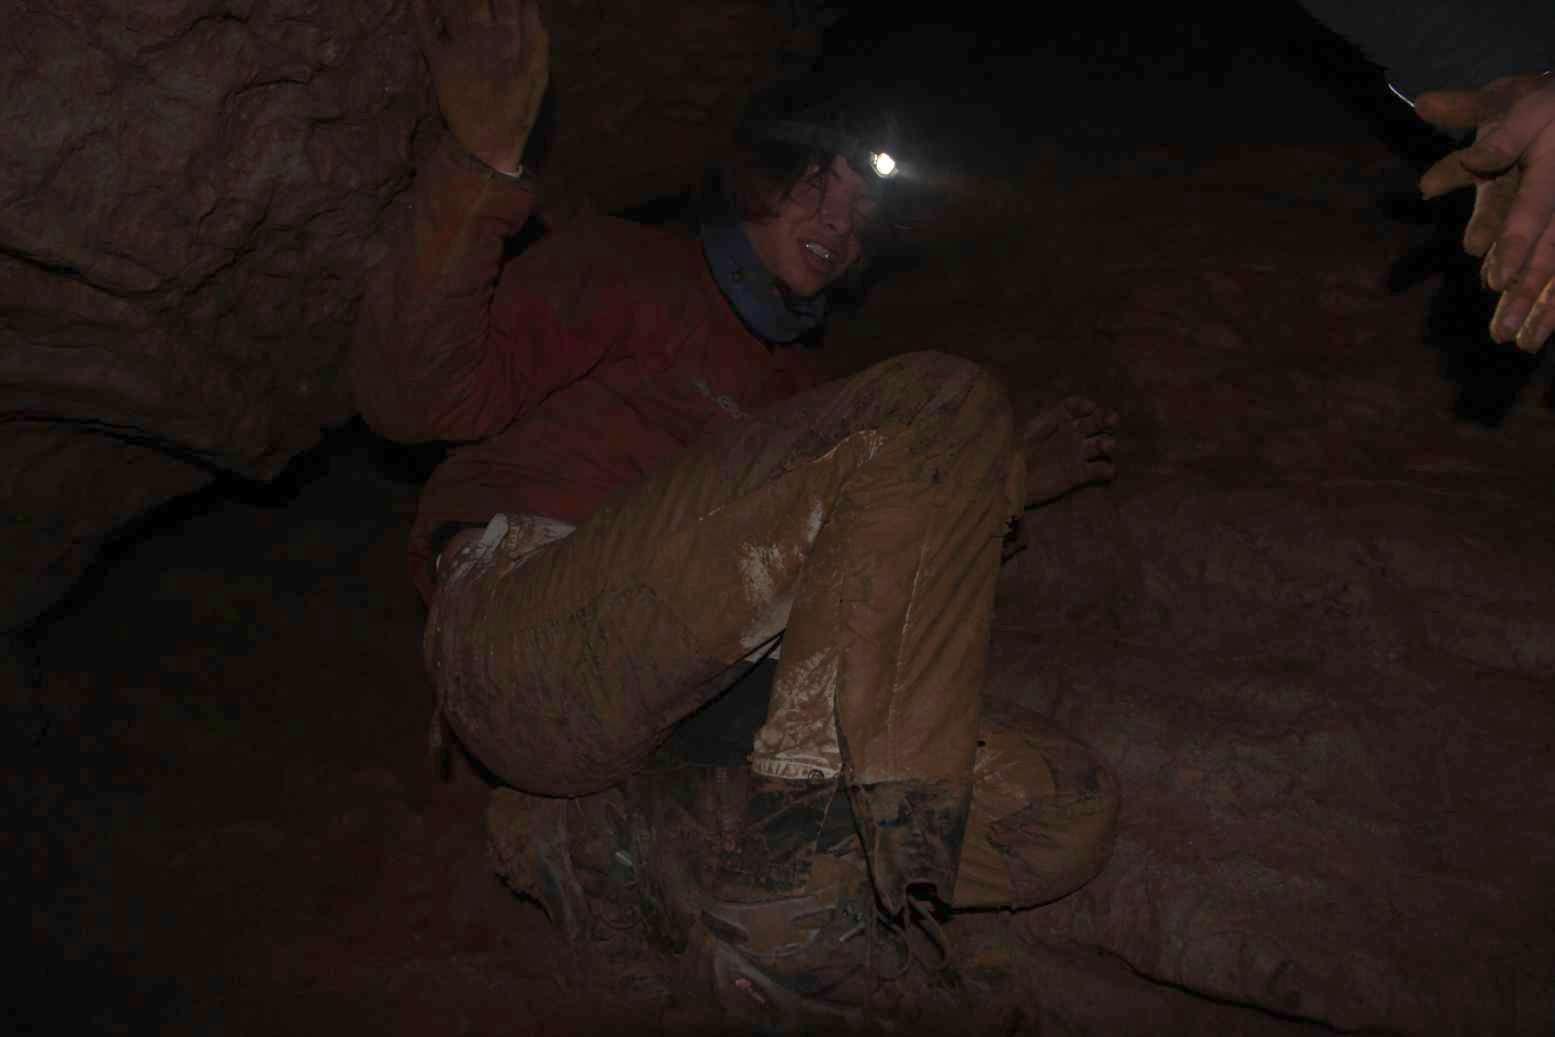 Správnou výbavou jeskyňáře jsou samozřejmě bílé kalhoty